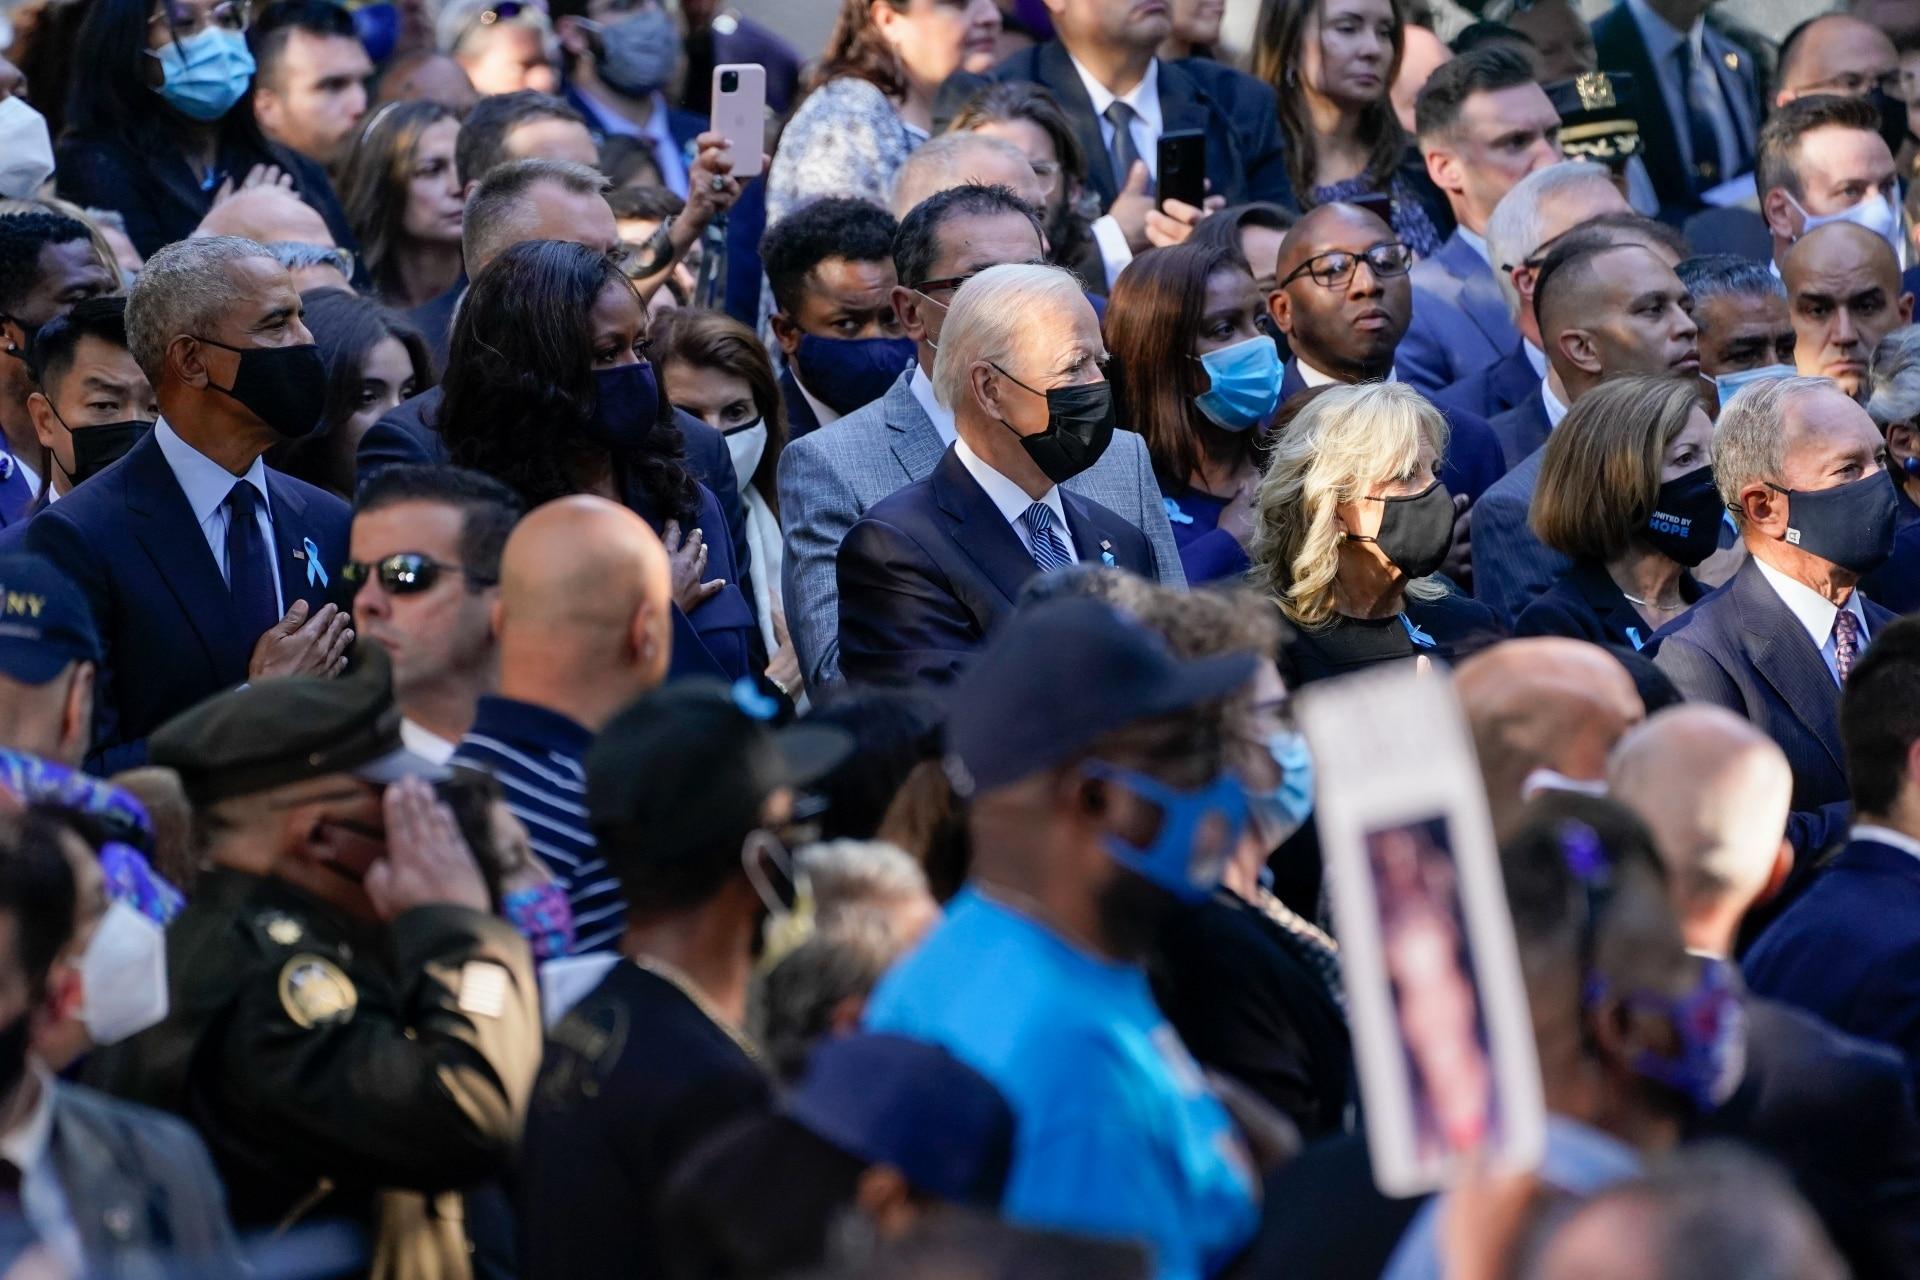 Con la presencia del presidente de Estados Unidos, Joe Biden, este sábado dieron inicio a la conmemoración de los atentados del 11 de septiembre de 2001.